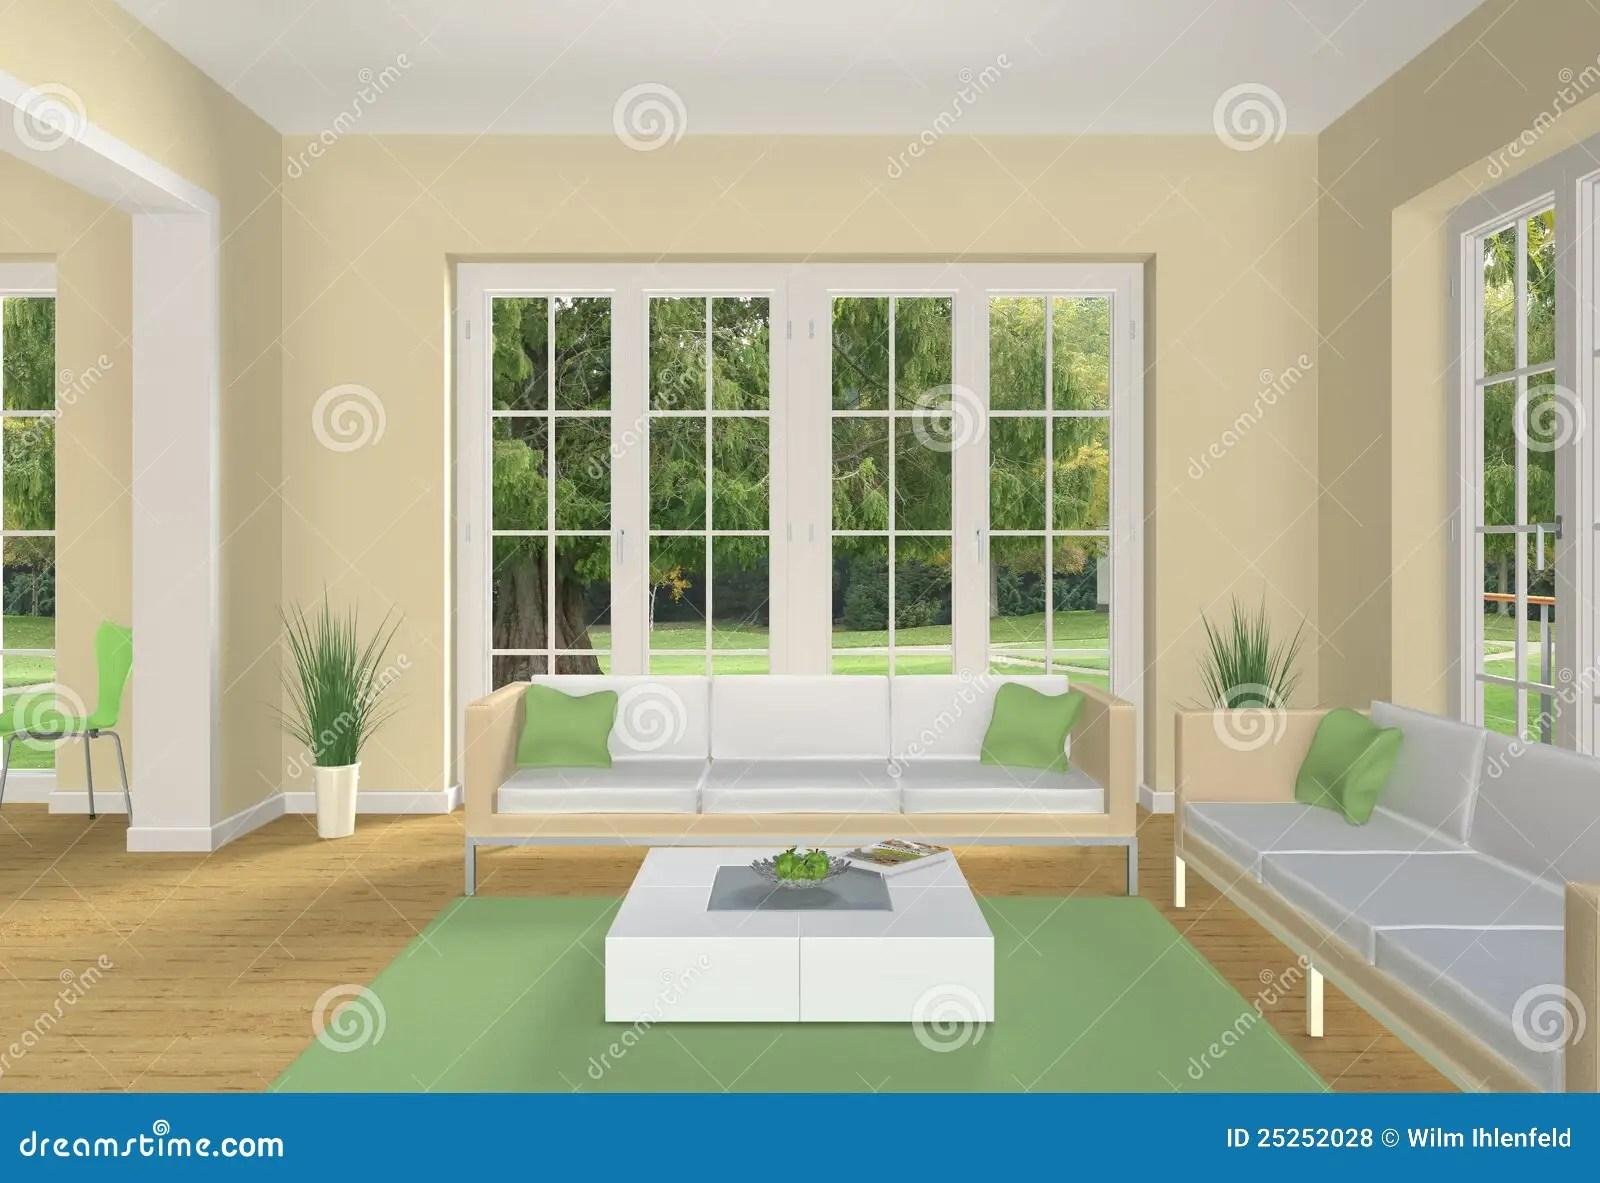 Tapeten Wohnzimmer Pastell   Grüne Tapete Wohnzimmer